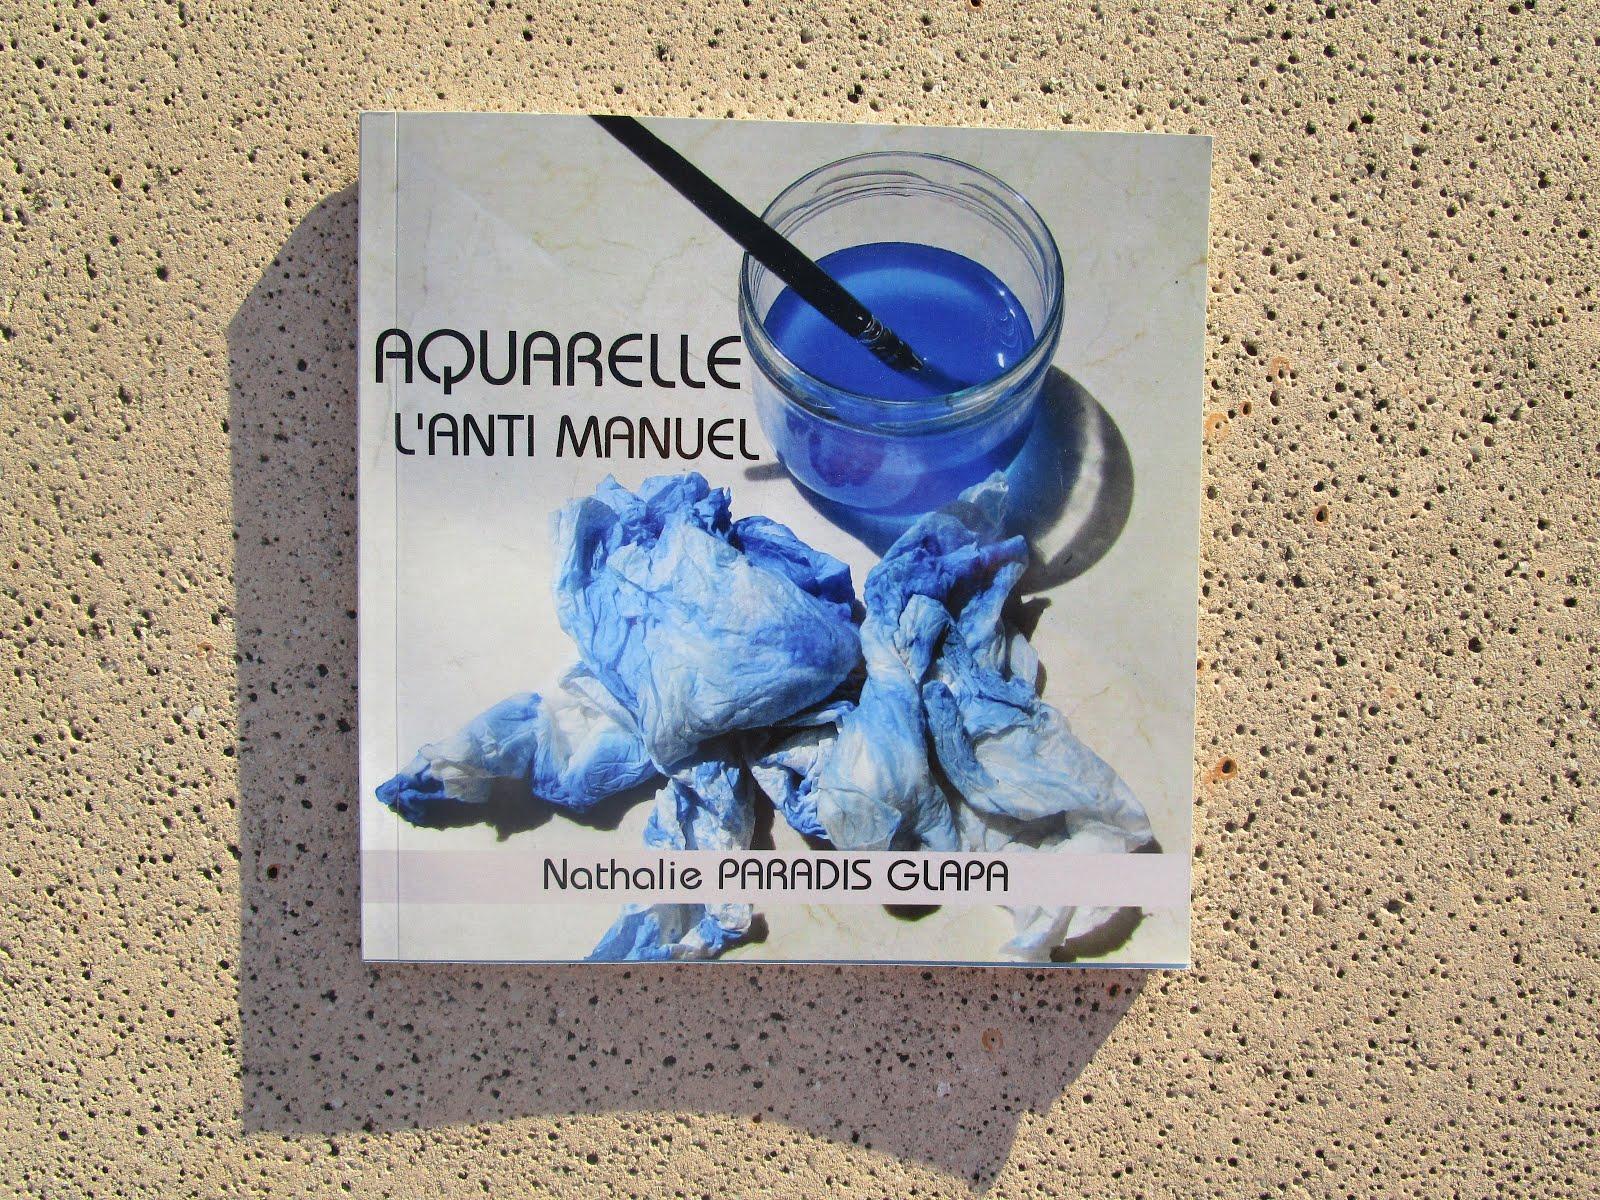 Aquarelle: l'anti-manuel - 59 pages - 28 euros (envoi compris)